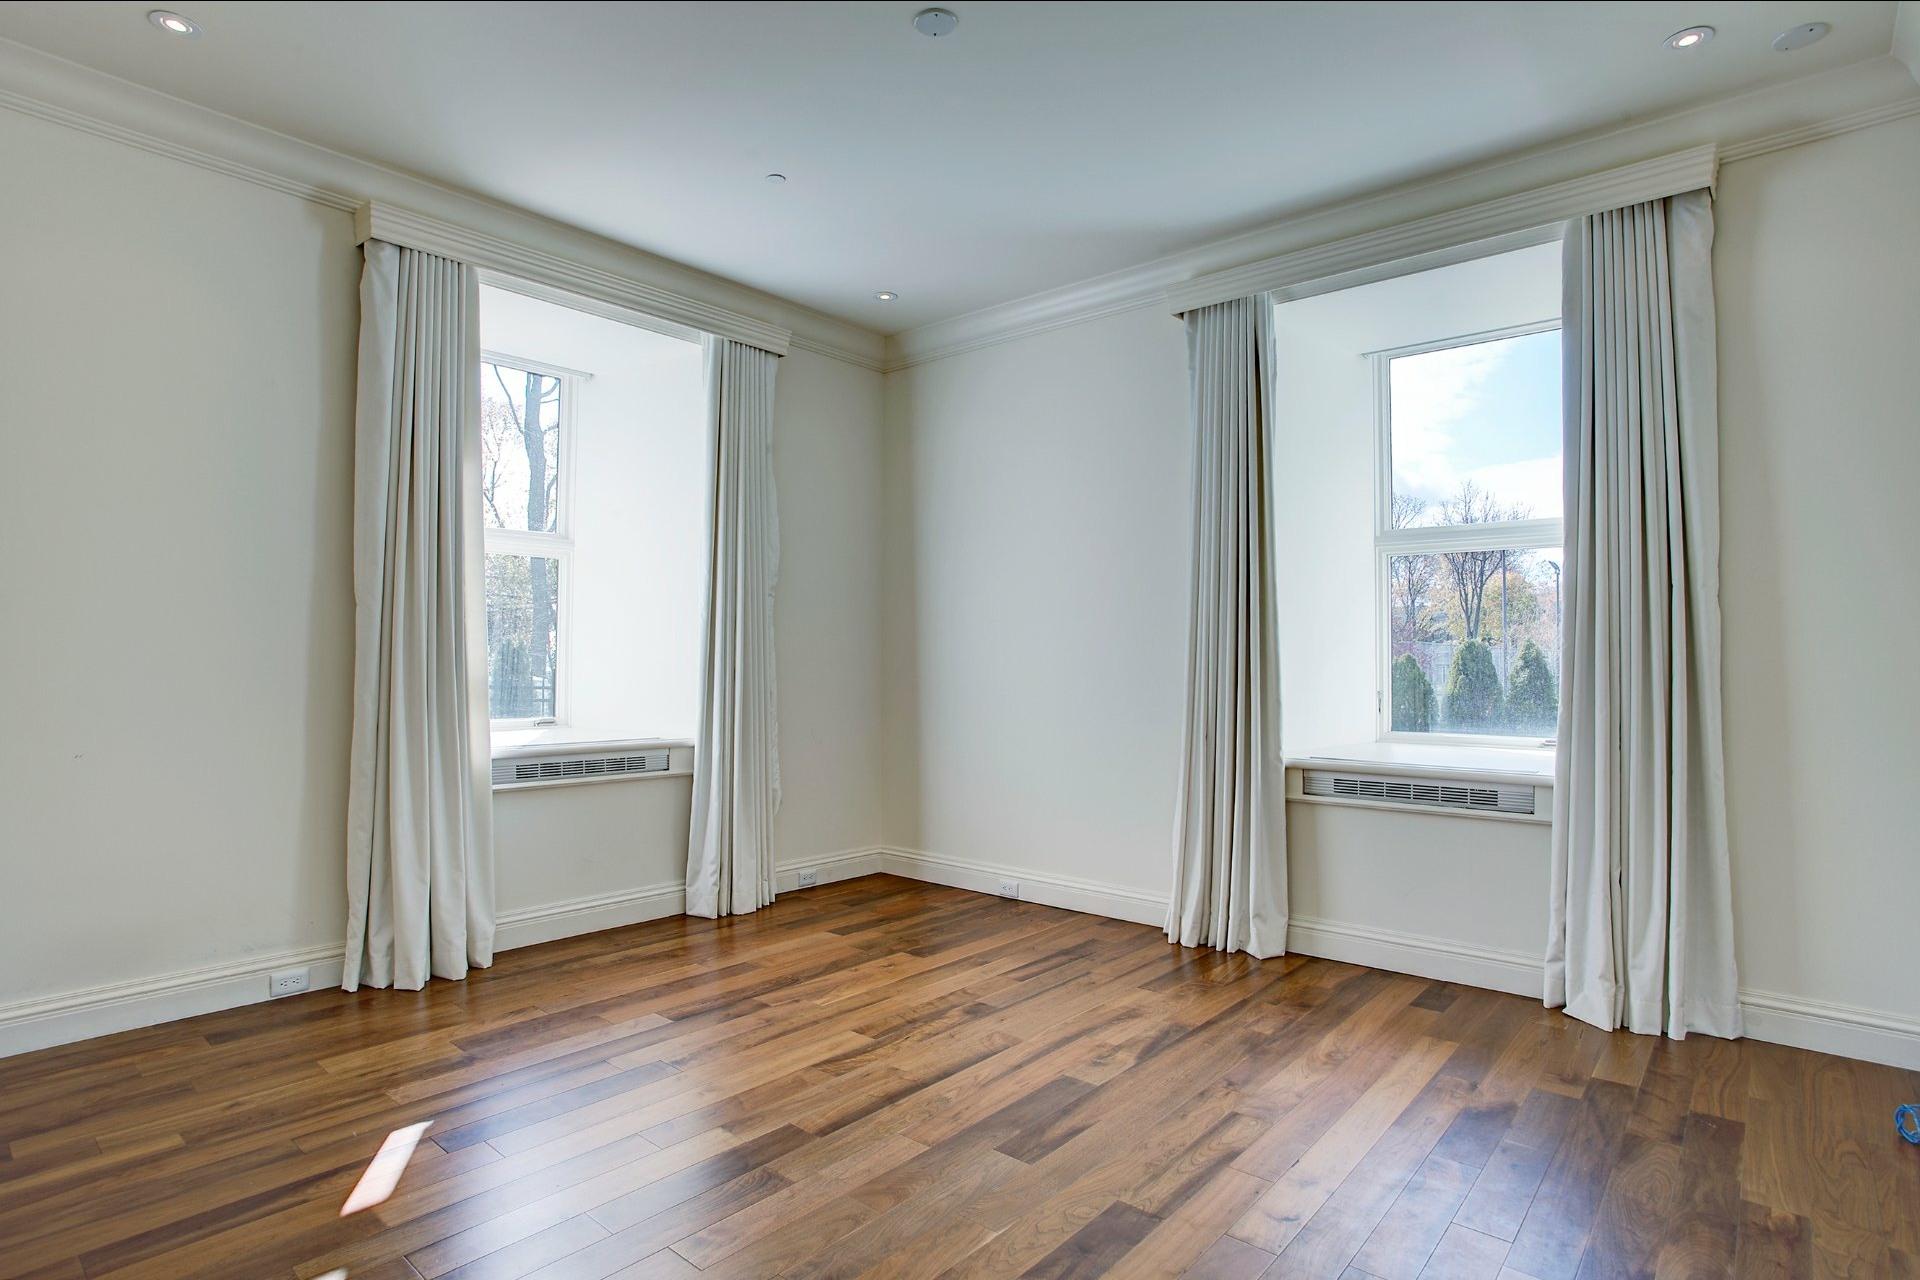 image 13 - Apartment For sale Montréal Ville-Marie  - 4 rooms